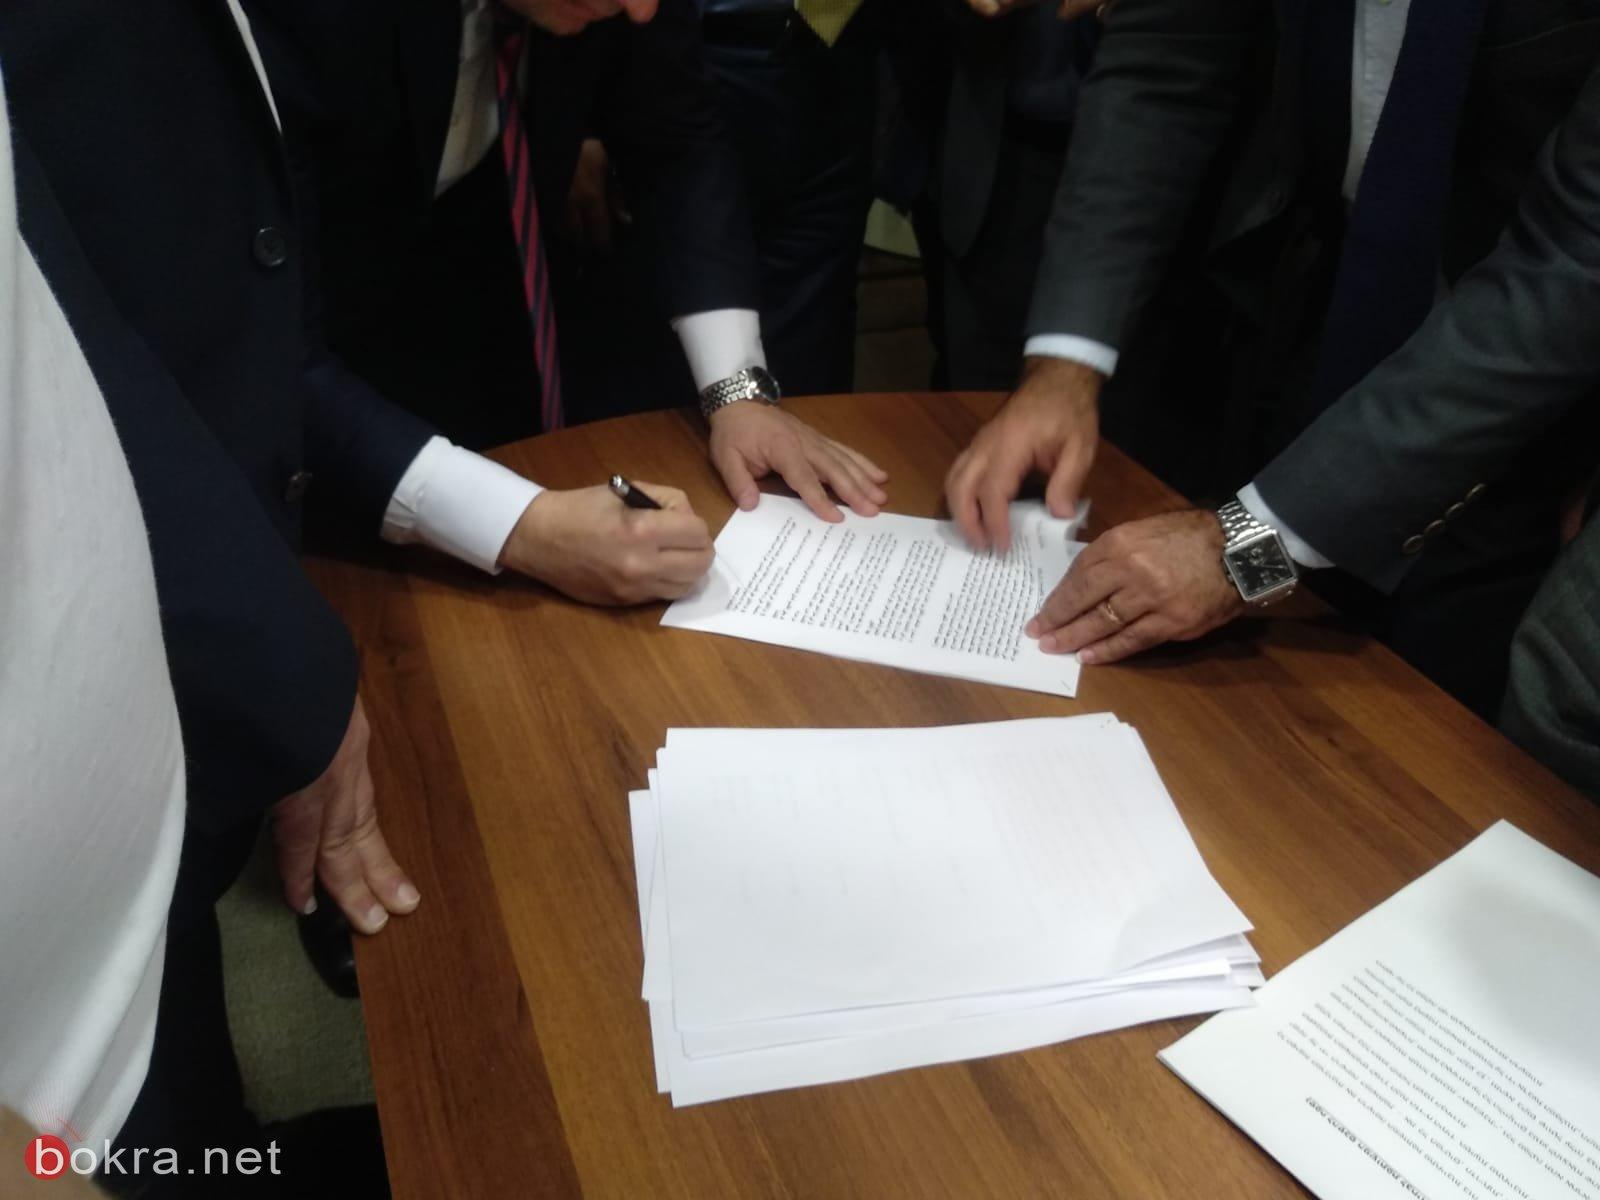 رؤساء الأحزاب الأربعة بالمشتركة يوقعون على القائمة لتقديمها